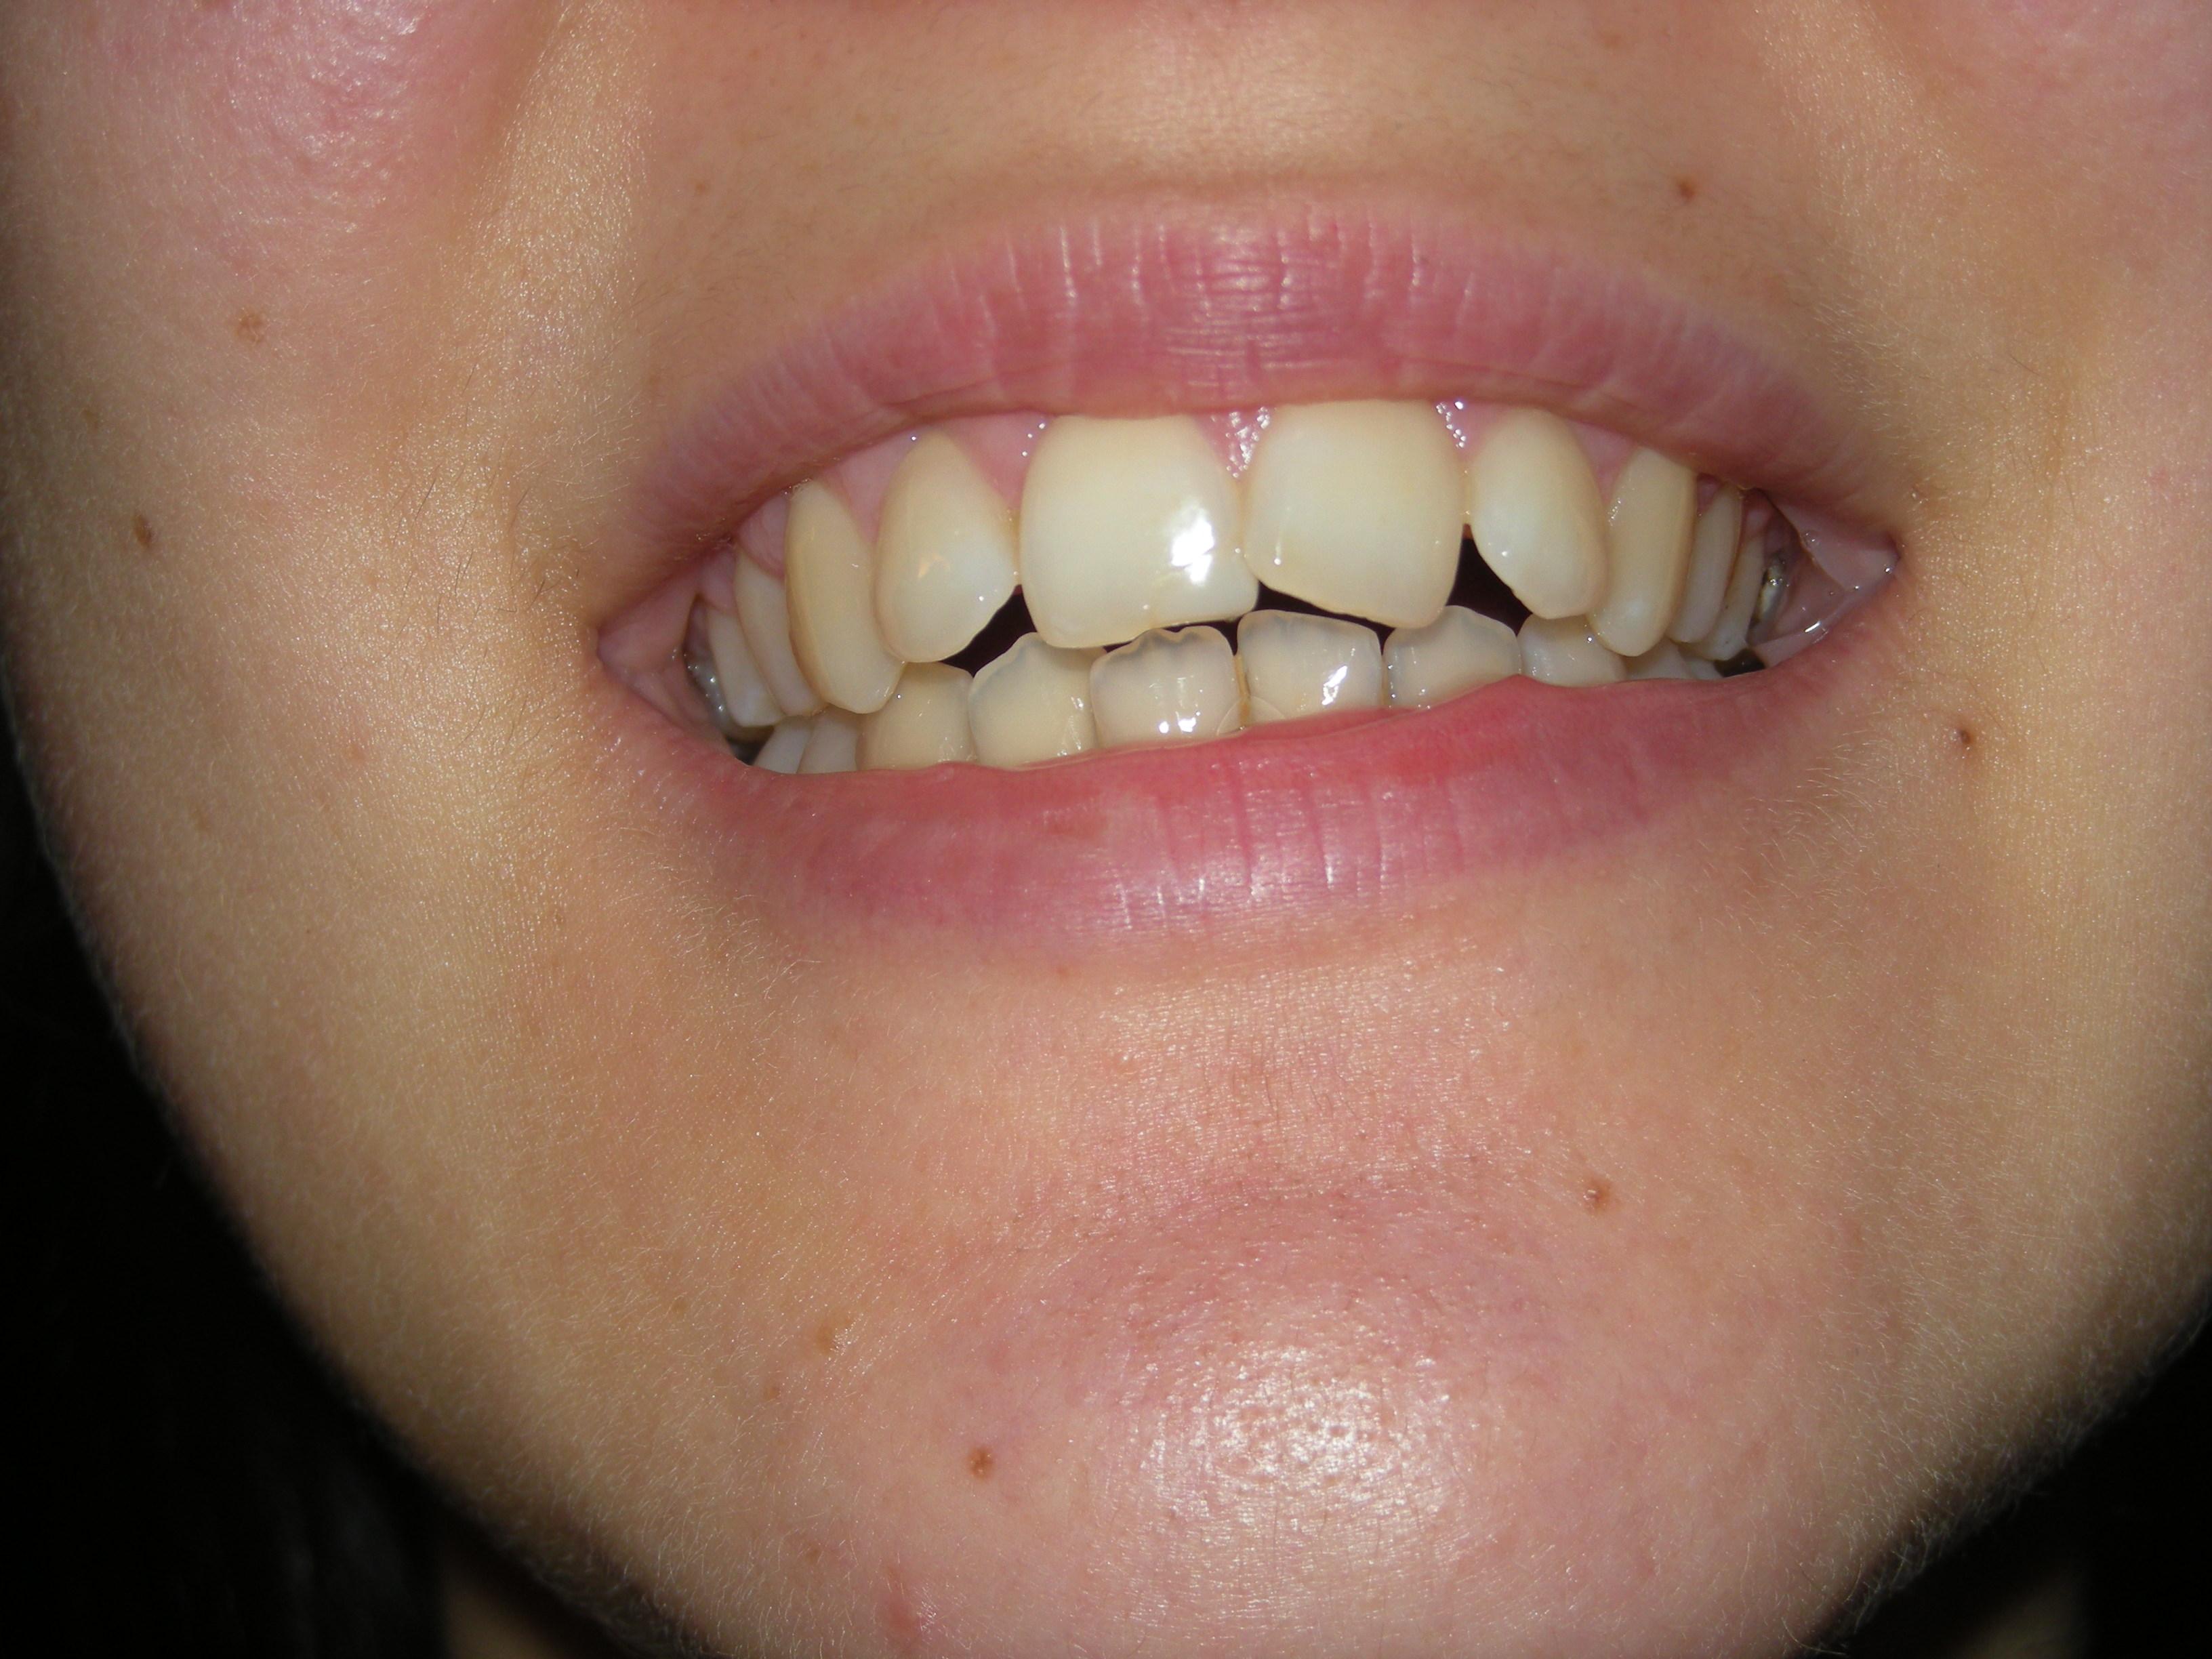 Ulteriore seguito alla domanda: Ho un problema di malocclusione e sovraffollamento dentario all'arcara superiore